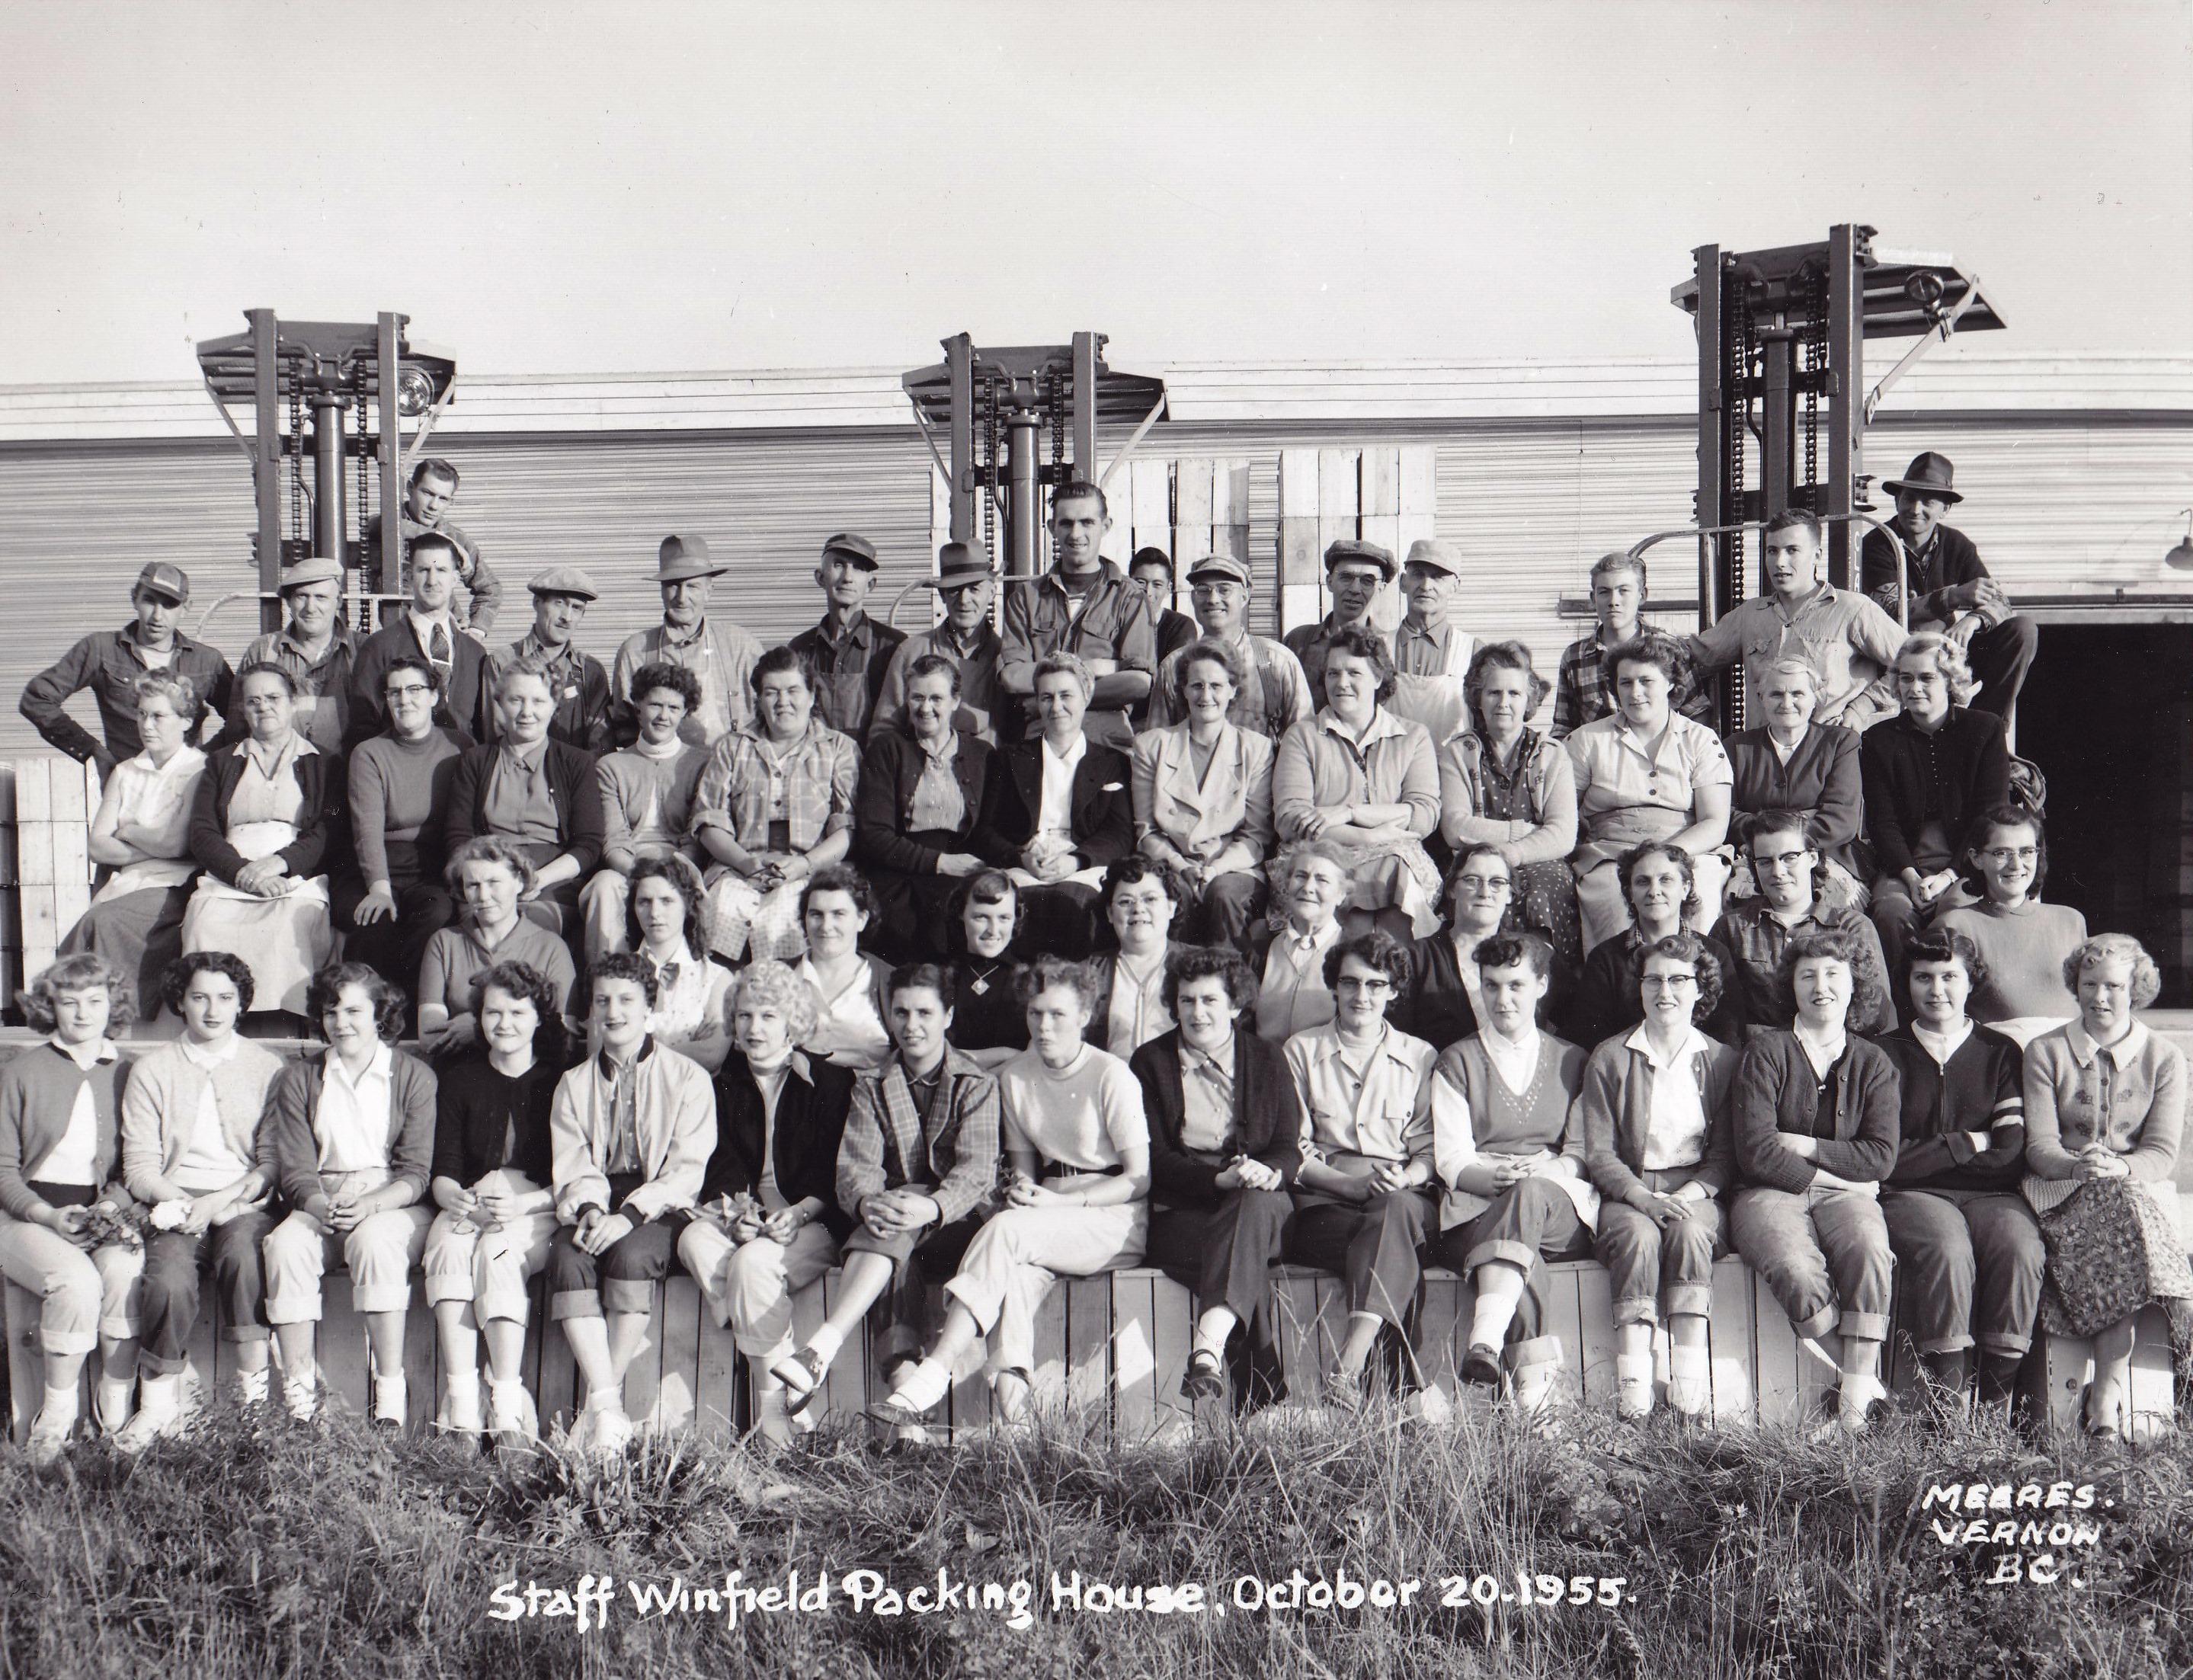 Photo extérieure en noir et blanc représentant un grand groupe de femmes et d'hommes disposé en gradins. Trois grands élévateurs à fourche et un édifice se dressent à l'arrière-plan.